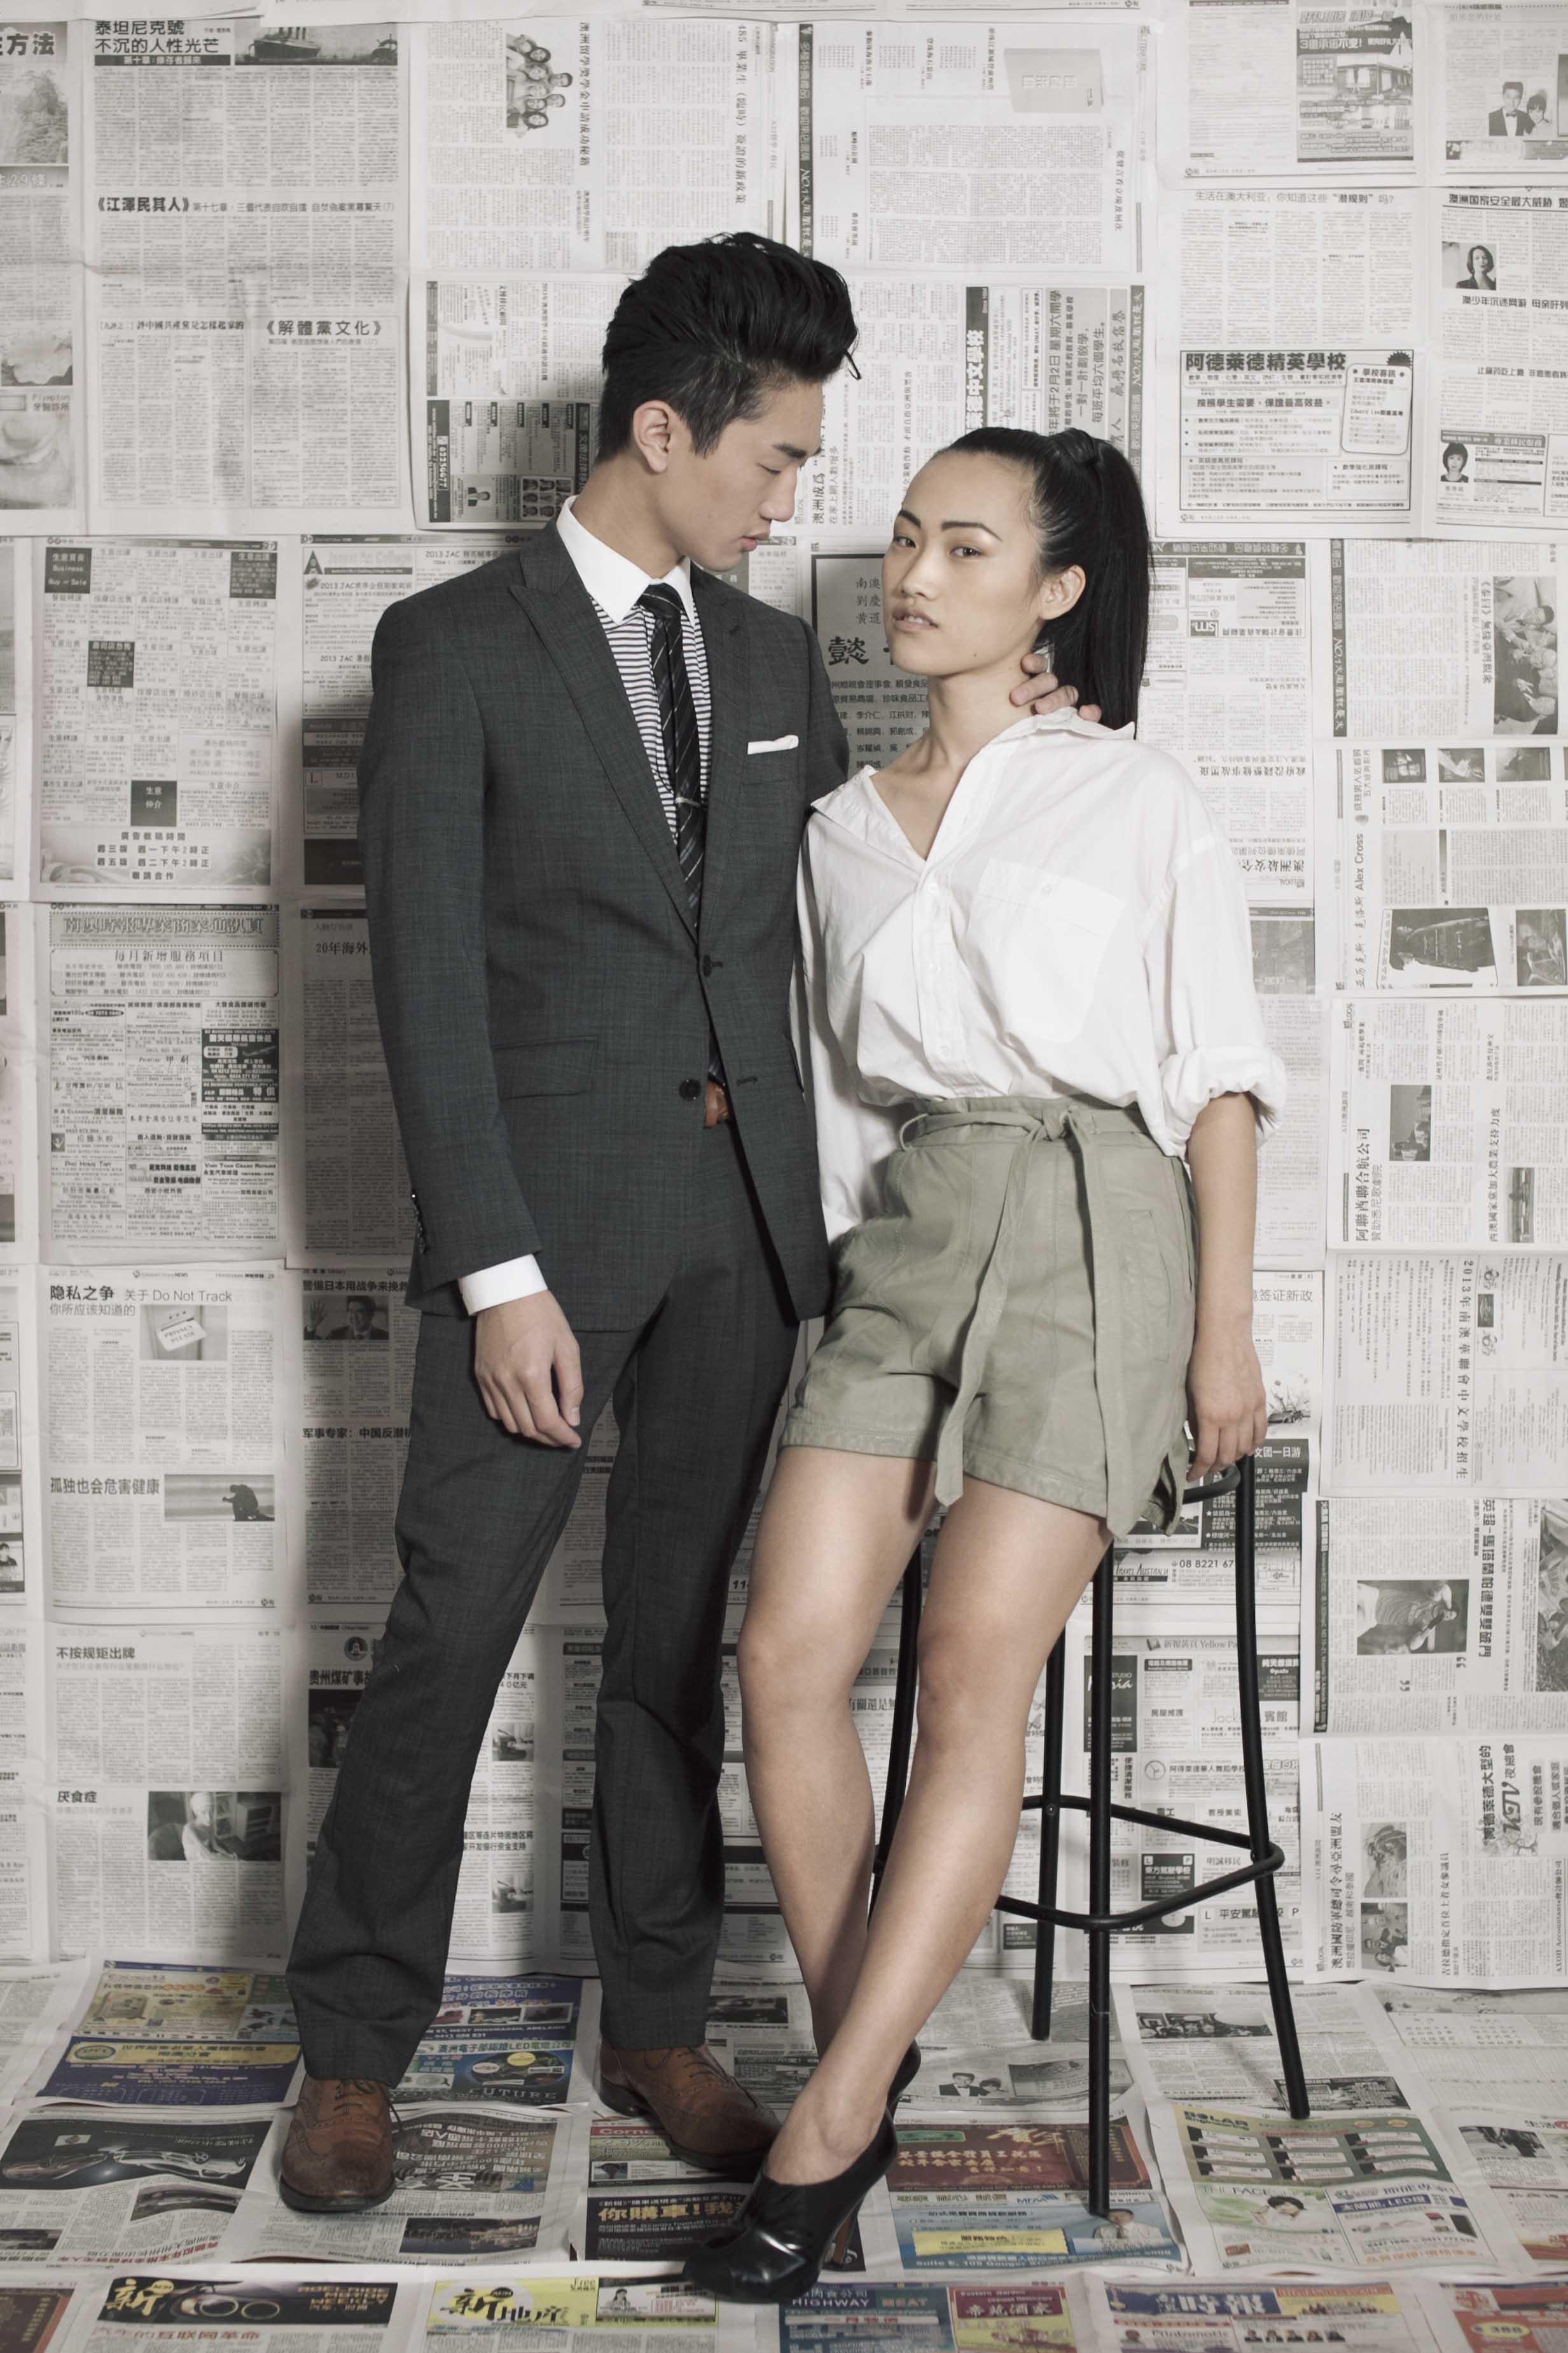 Jing wears:  Yves Saint Laurent shirt , H&M leather shorts, Zara shoes. Pierre wears: Ben Sherman suit, Marcs belt, shirt and tie, Jack London tie clip, Armani Collezioni pocket square, Loake shoes.